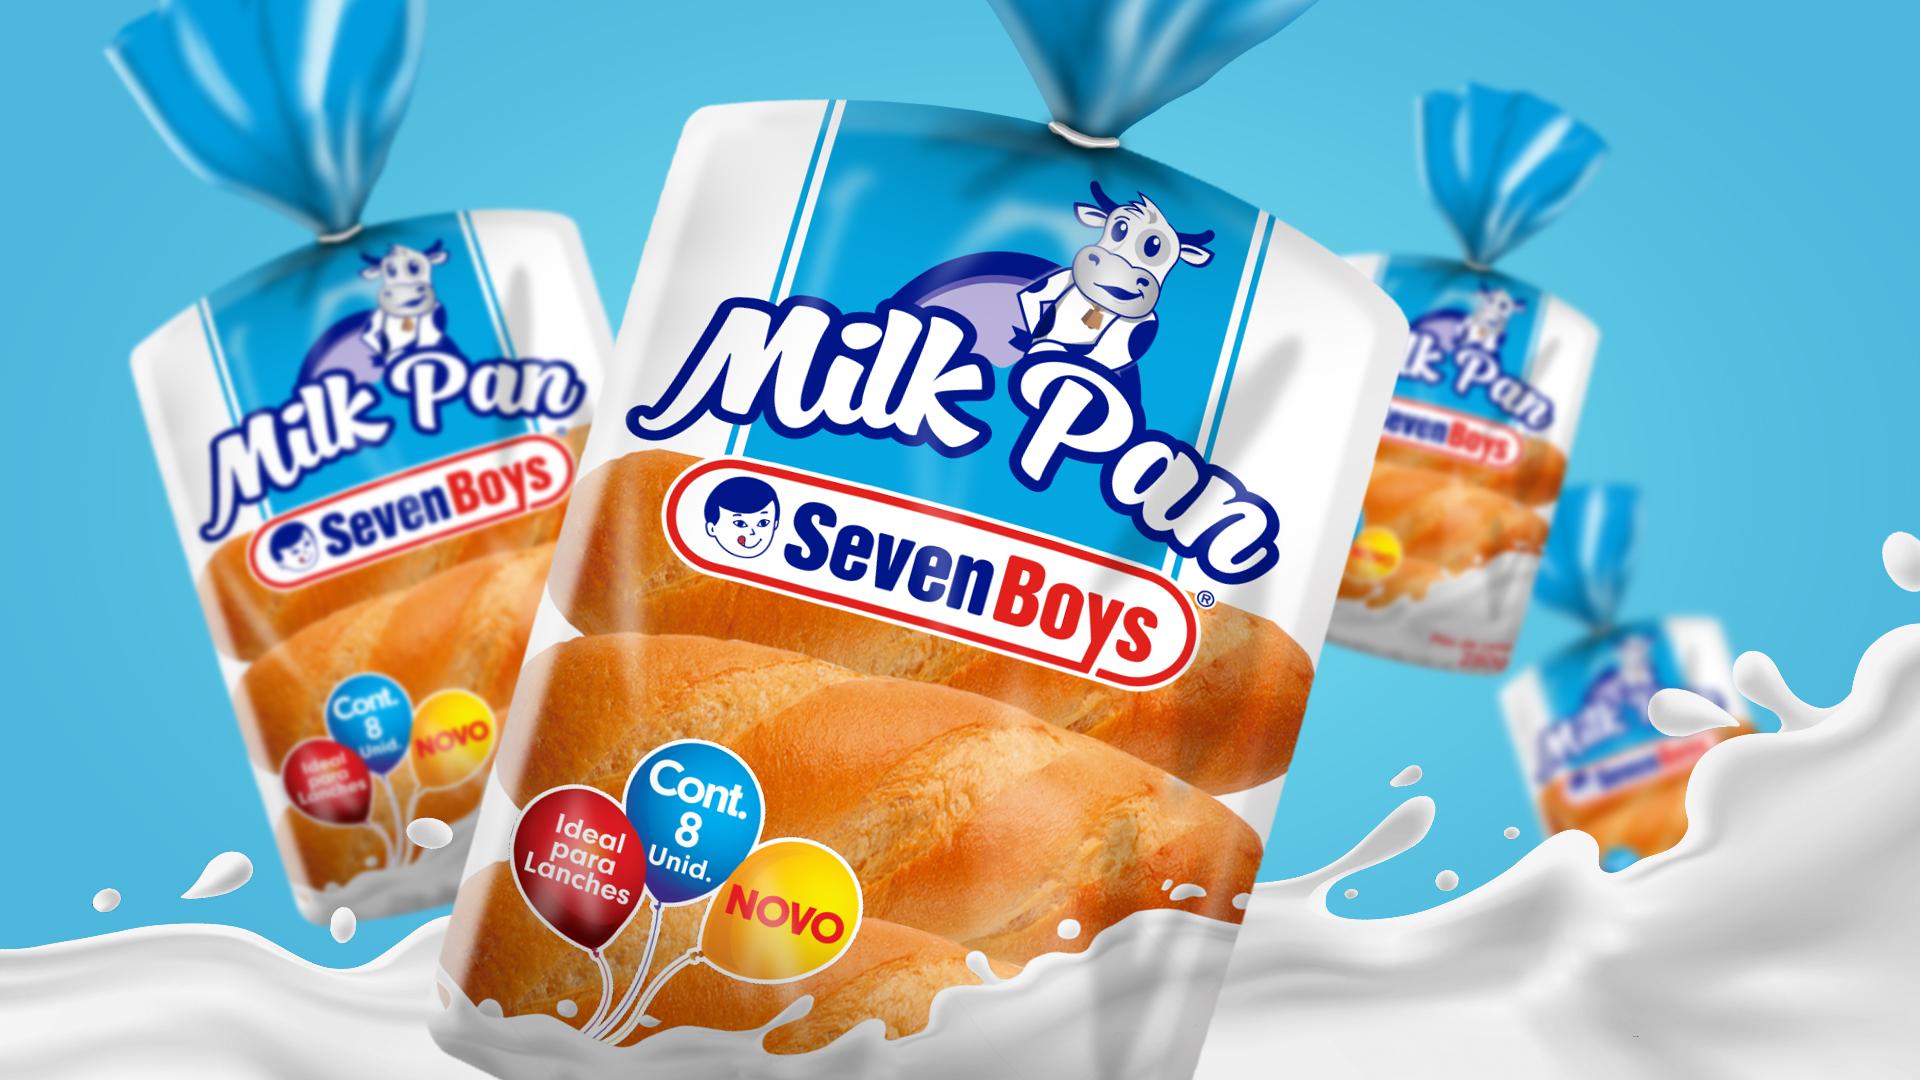 Milk Pan Embalagem